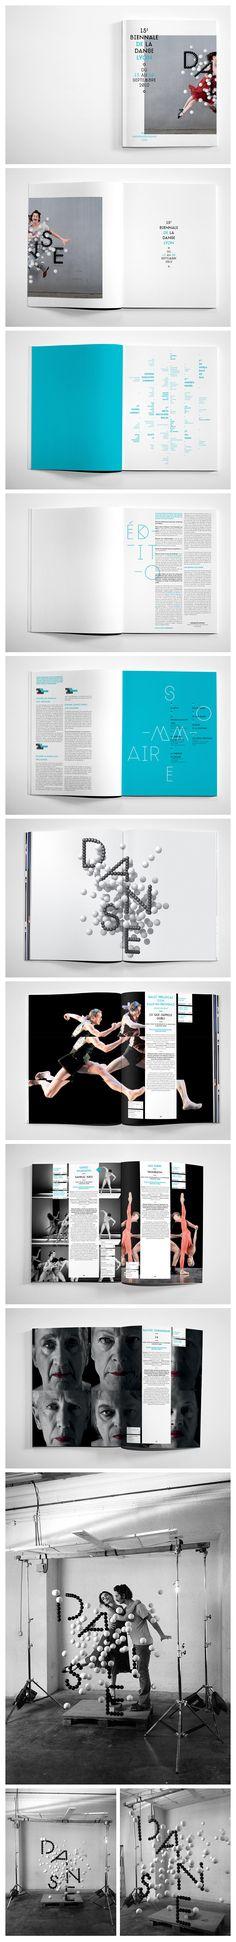 Biennale de Danse de Lyon Production et réalisation de la vidéo de lancement de la Biennale. Direction artistique : Les Graphiquants Réalisation : Agathe Riedinger http://les-graphiquants.fr/#!/biennale-de-danse-de-lyon-audiovisuel